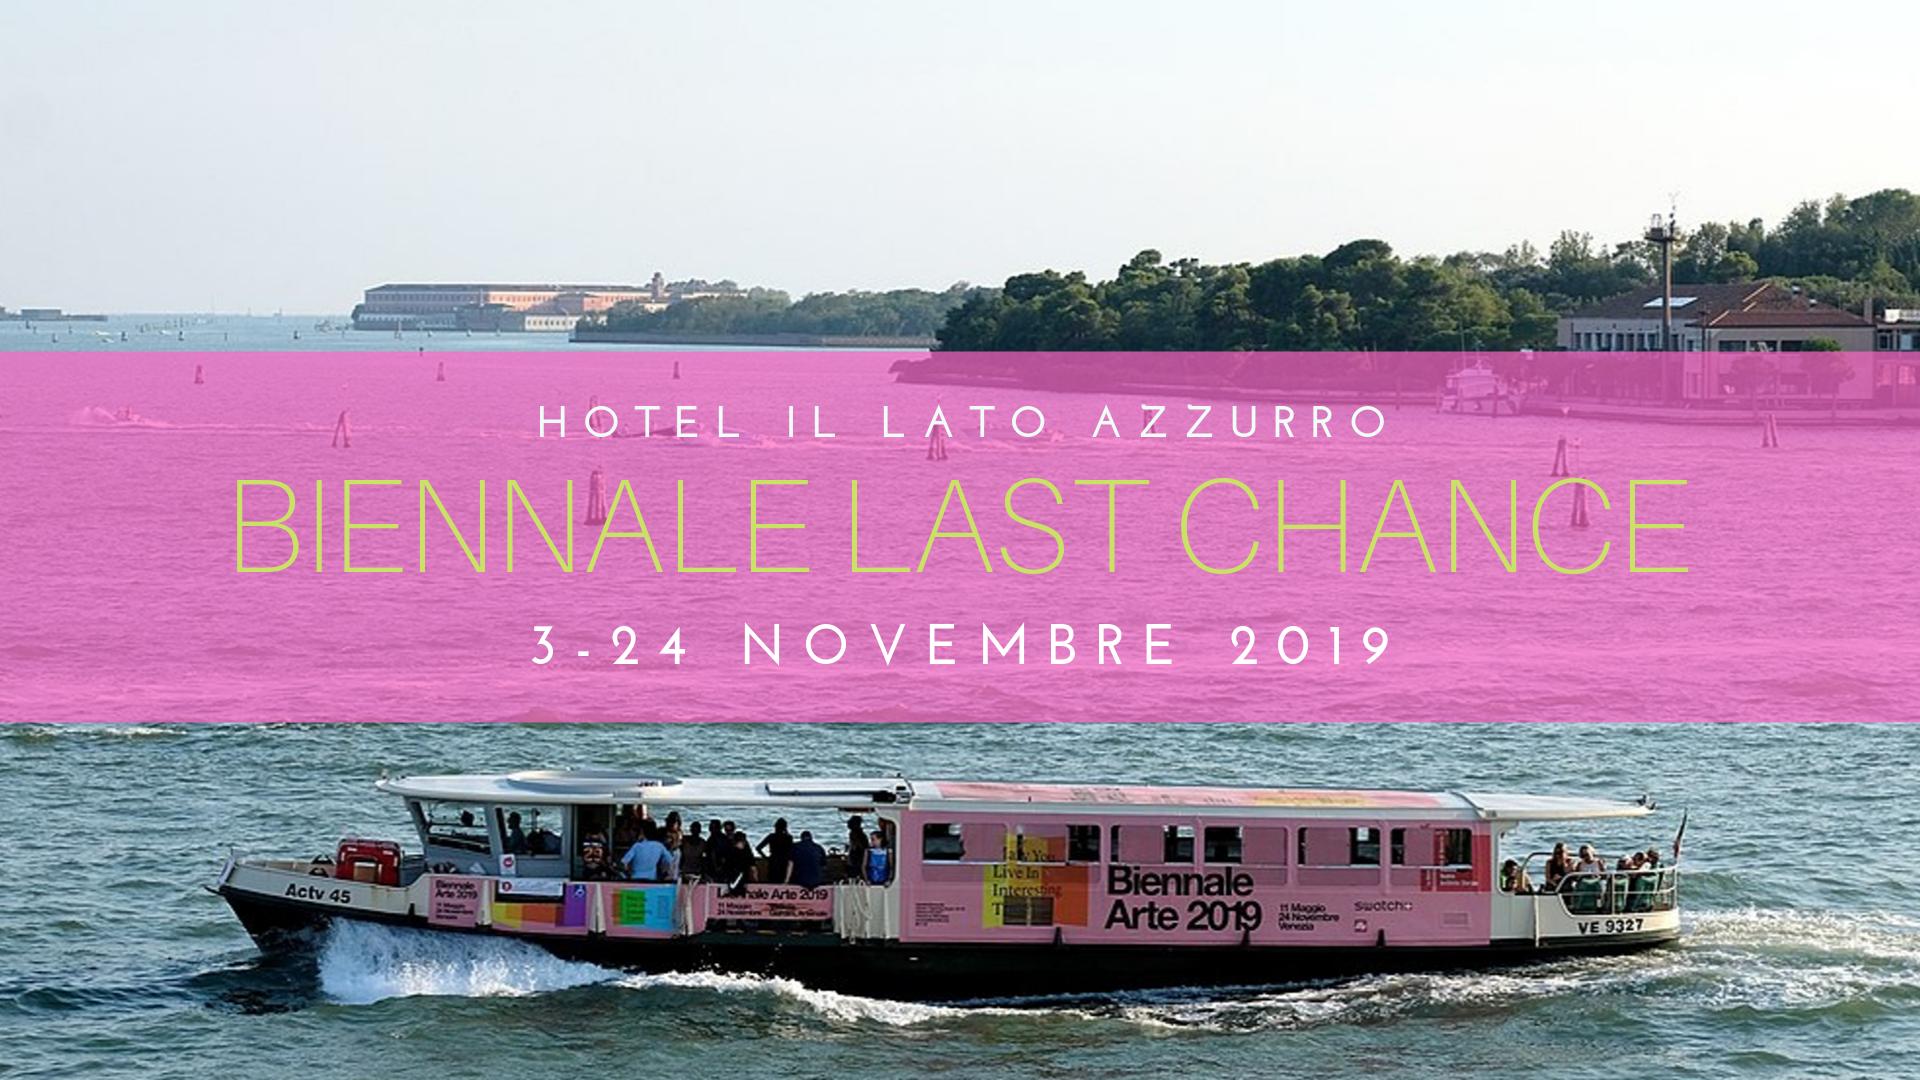 Biennale Last Chance